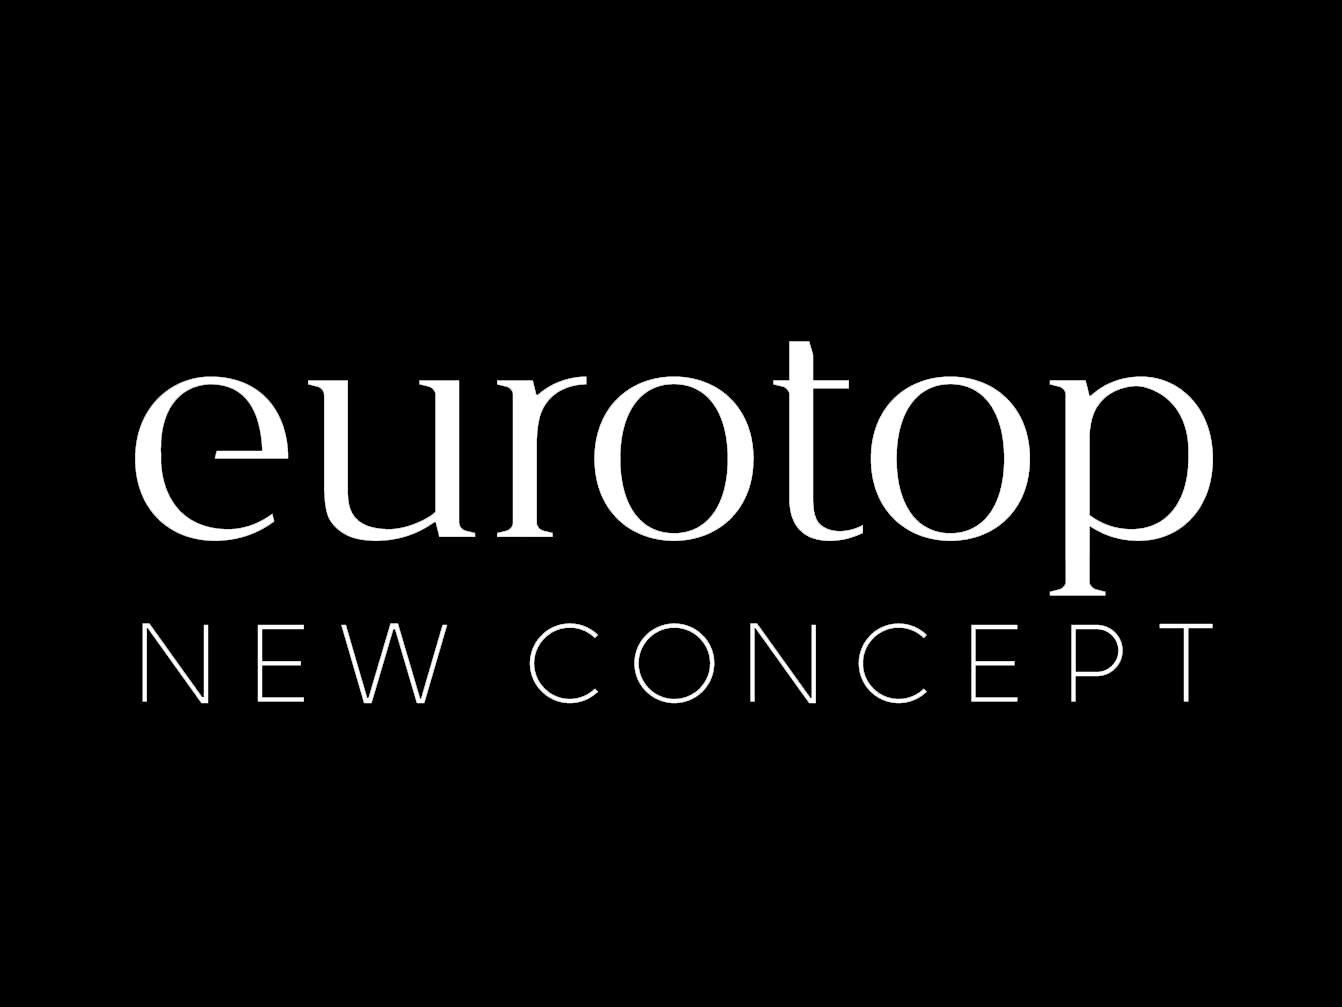 Eurotop New Concept